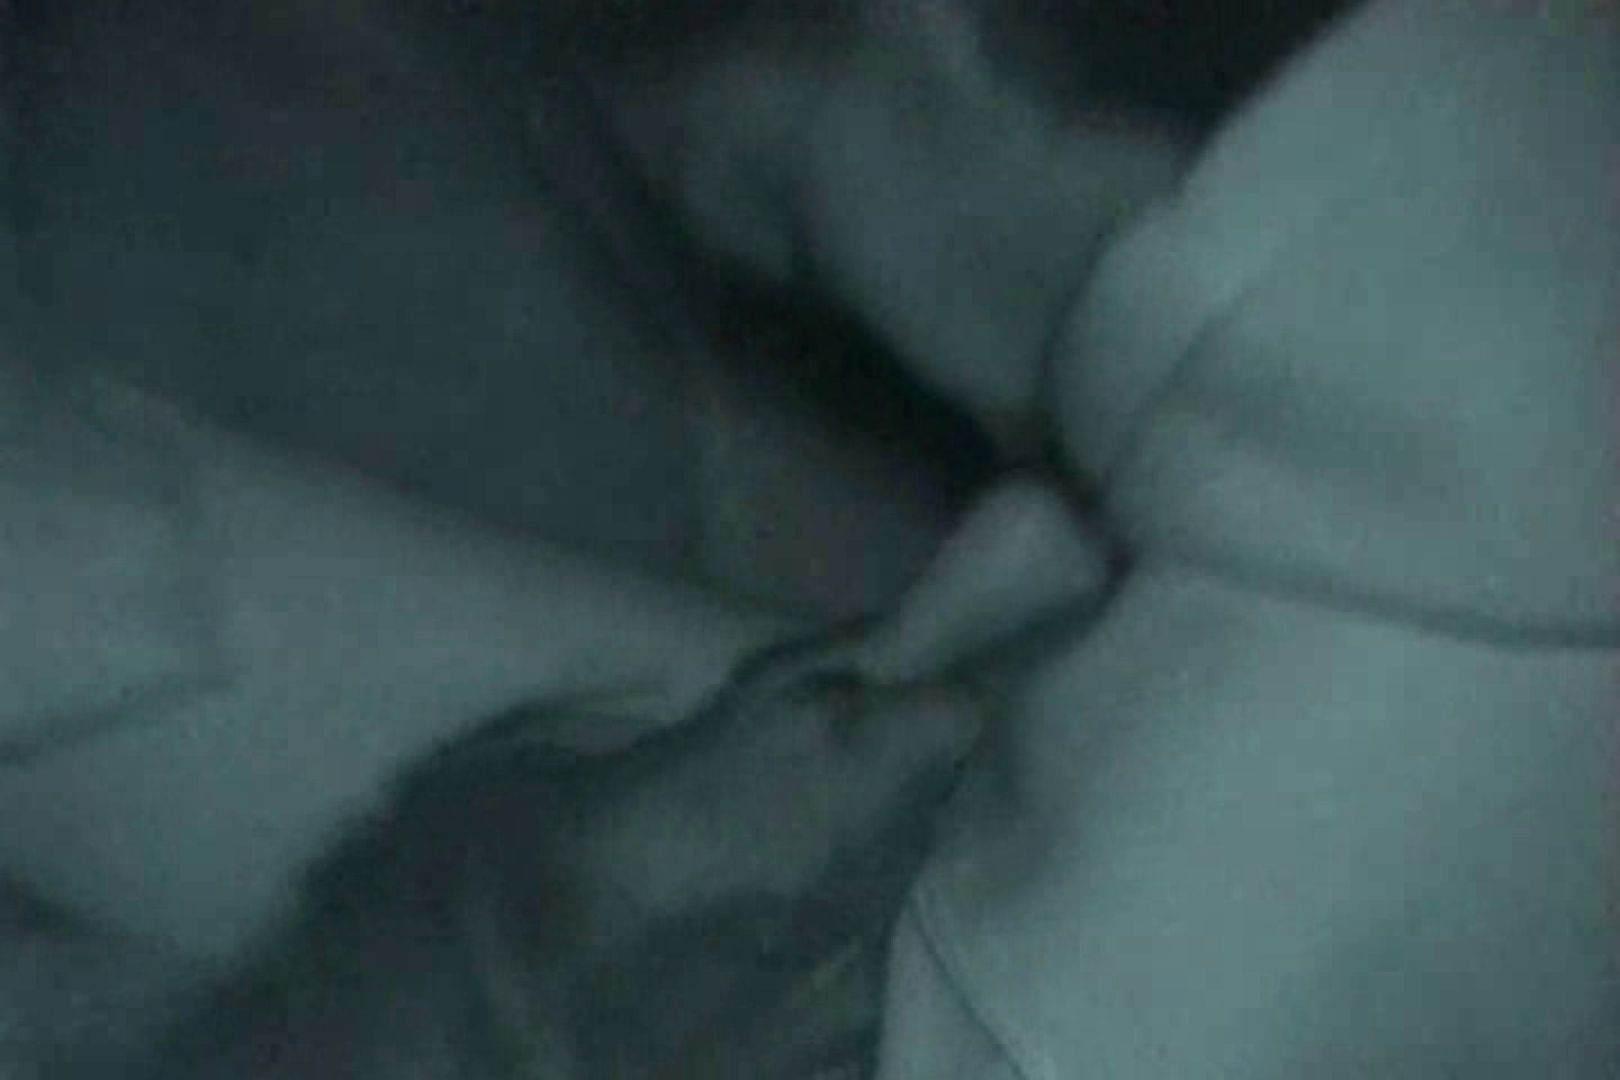 充血監督の深夜の運動会Vol.138 クンニ のぞきおめこ無修正画像 65連発 59